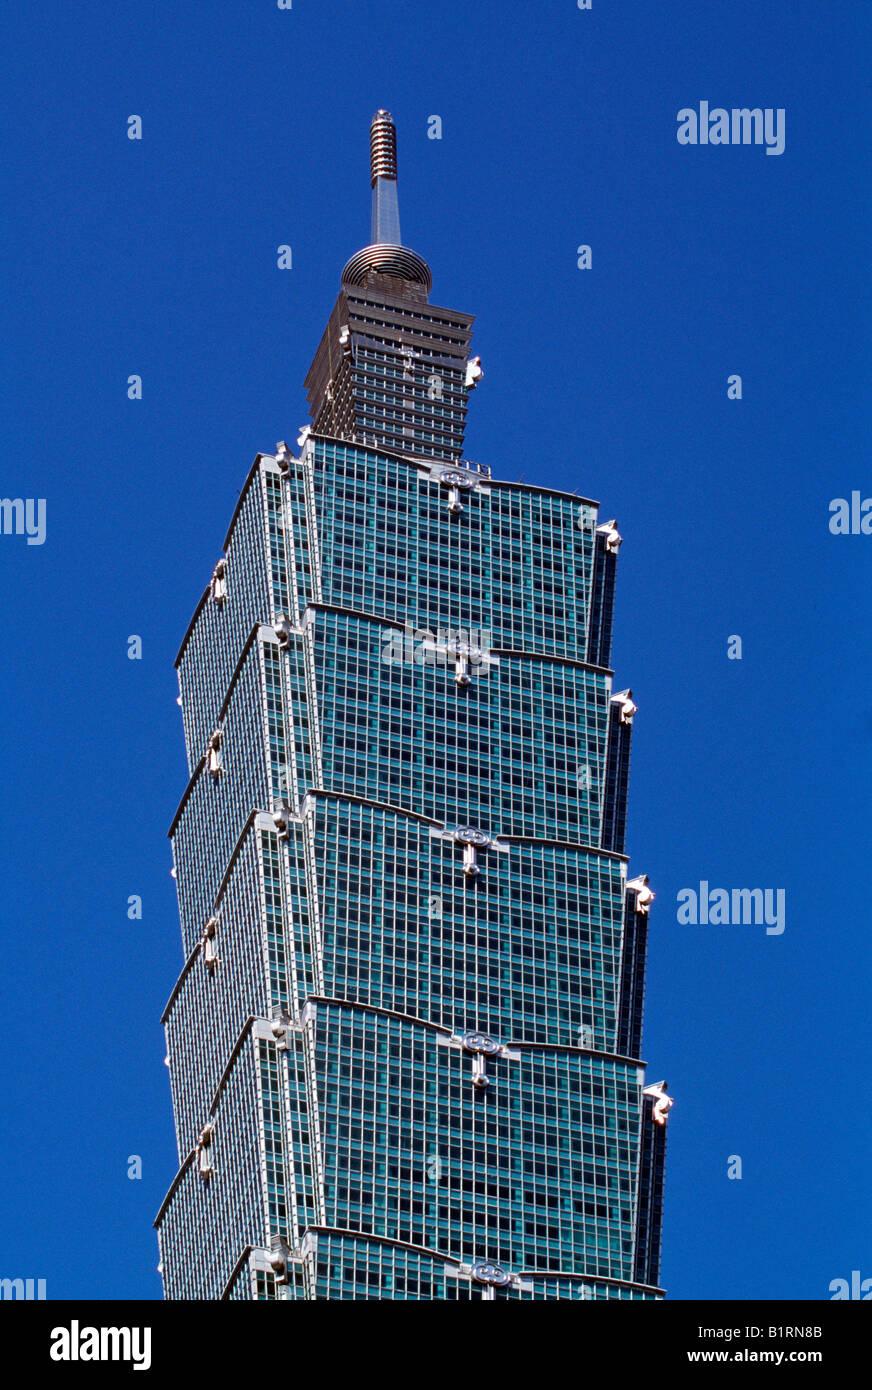 Taipei Financial Center, Taipeh, Taiwan, Asia - Stock Image